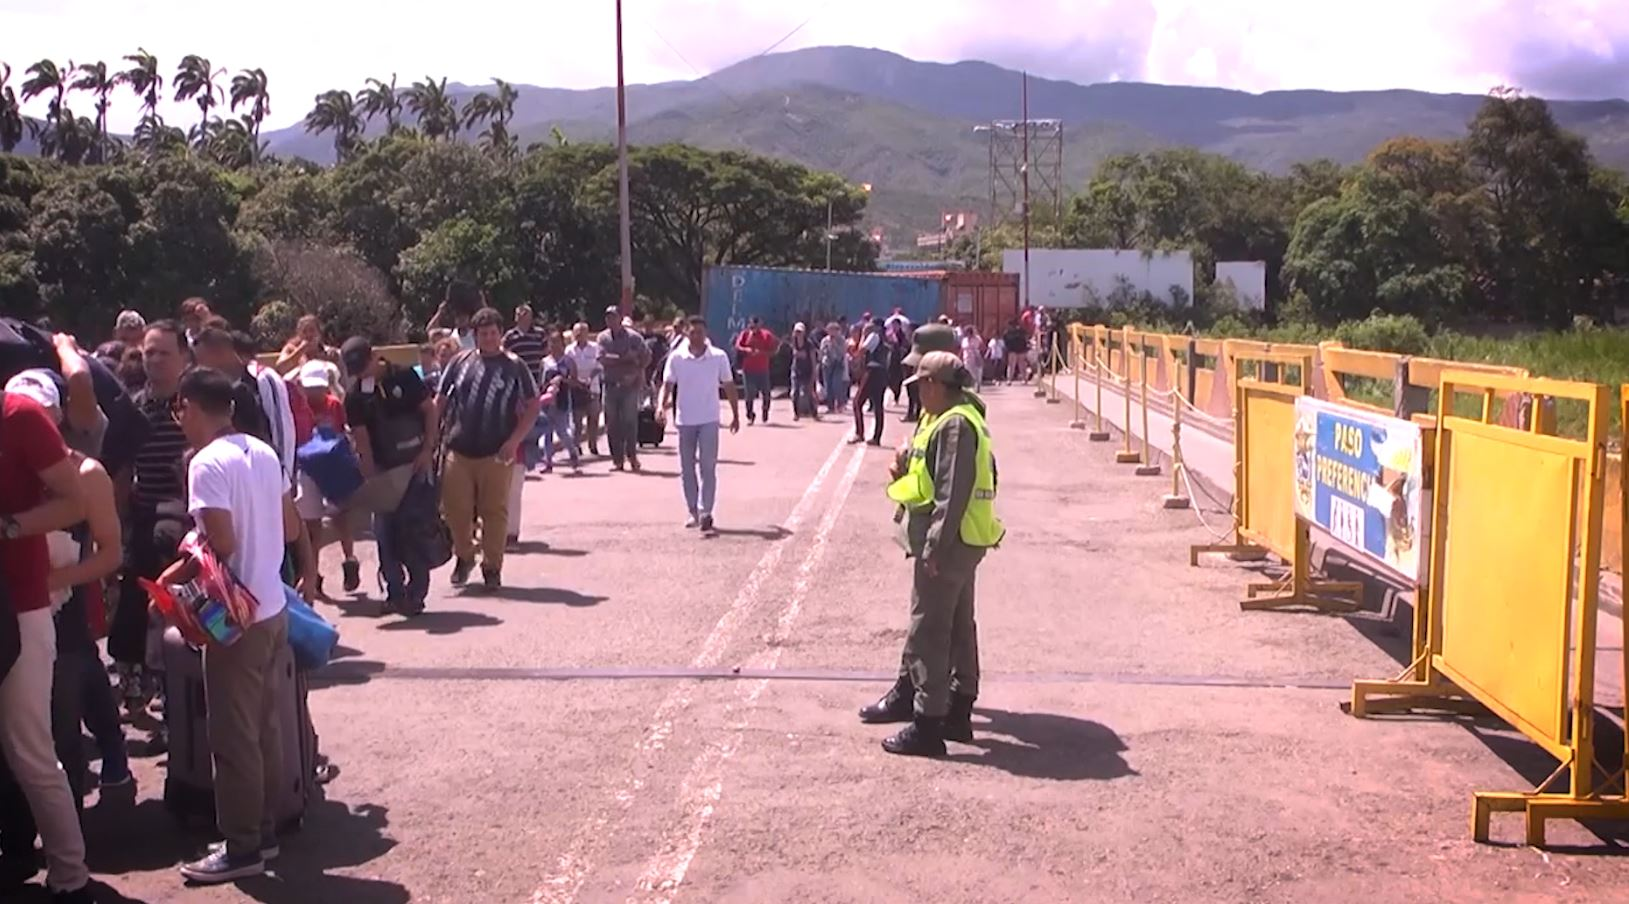 ¡Pilas! Colombia cerrará pasos fronterizos durante las marchas del 21 de noviembre